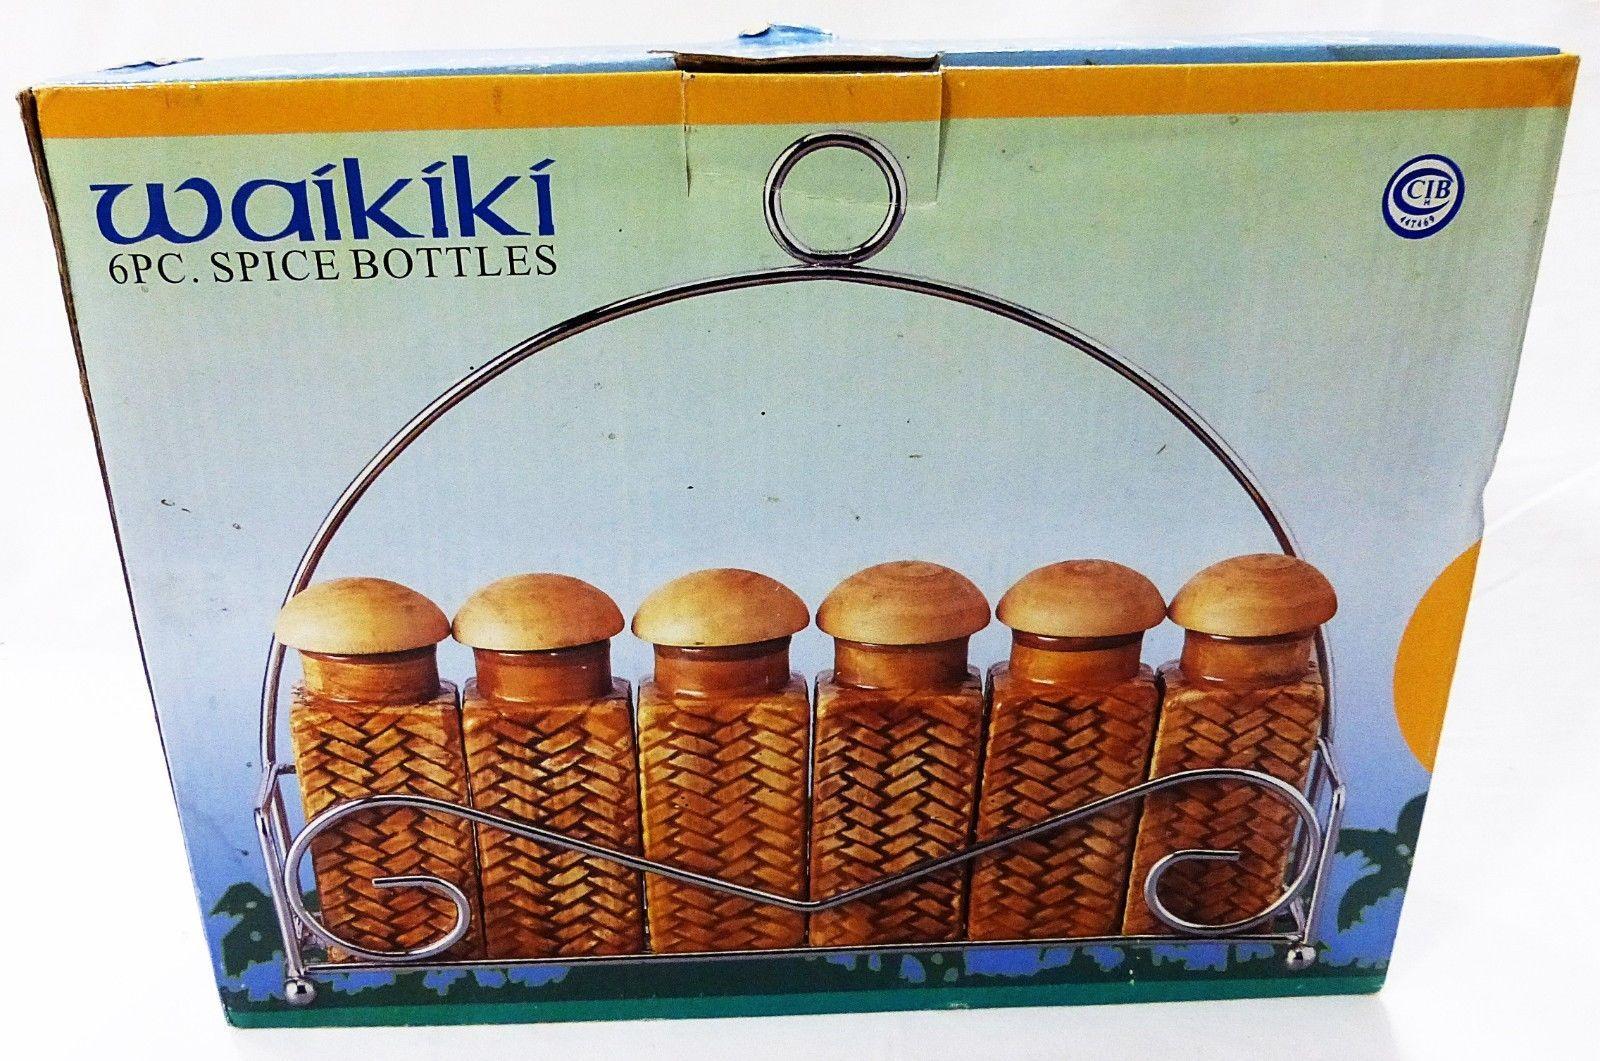 Century waikiki embossed bamboo wicker 6pc spice bottles brown rack jars set